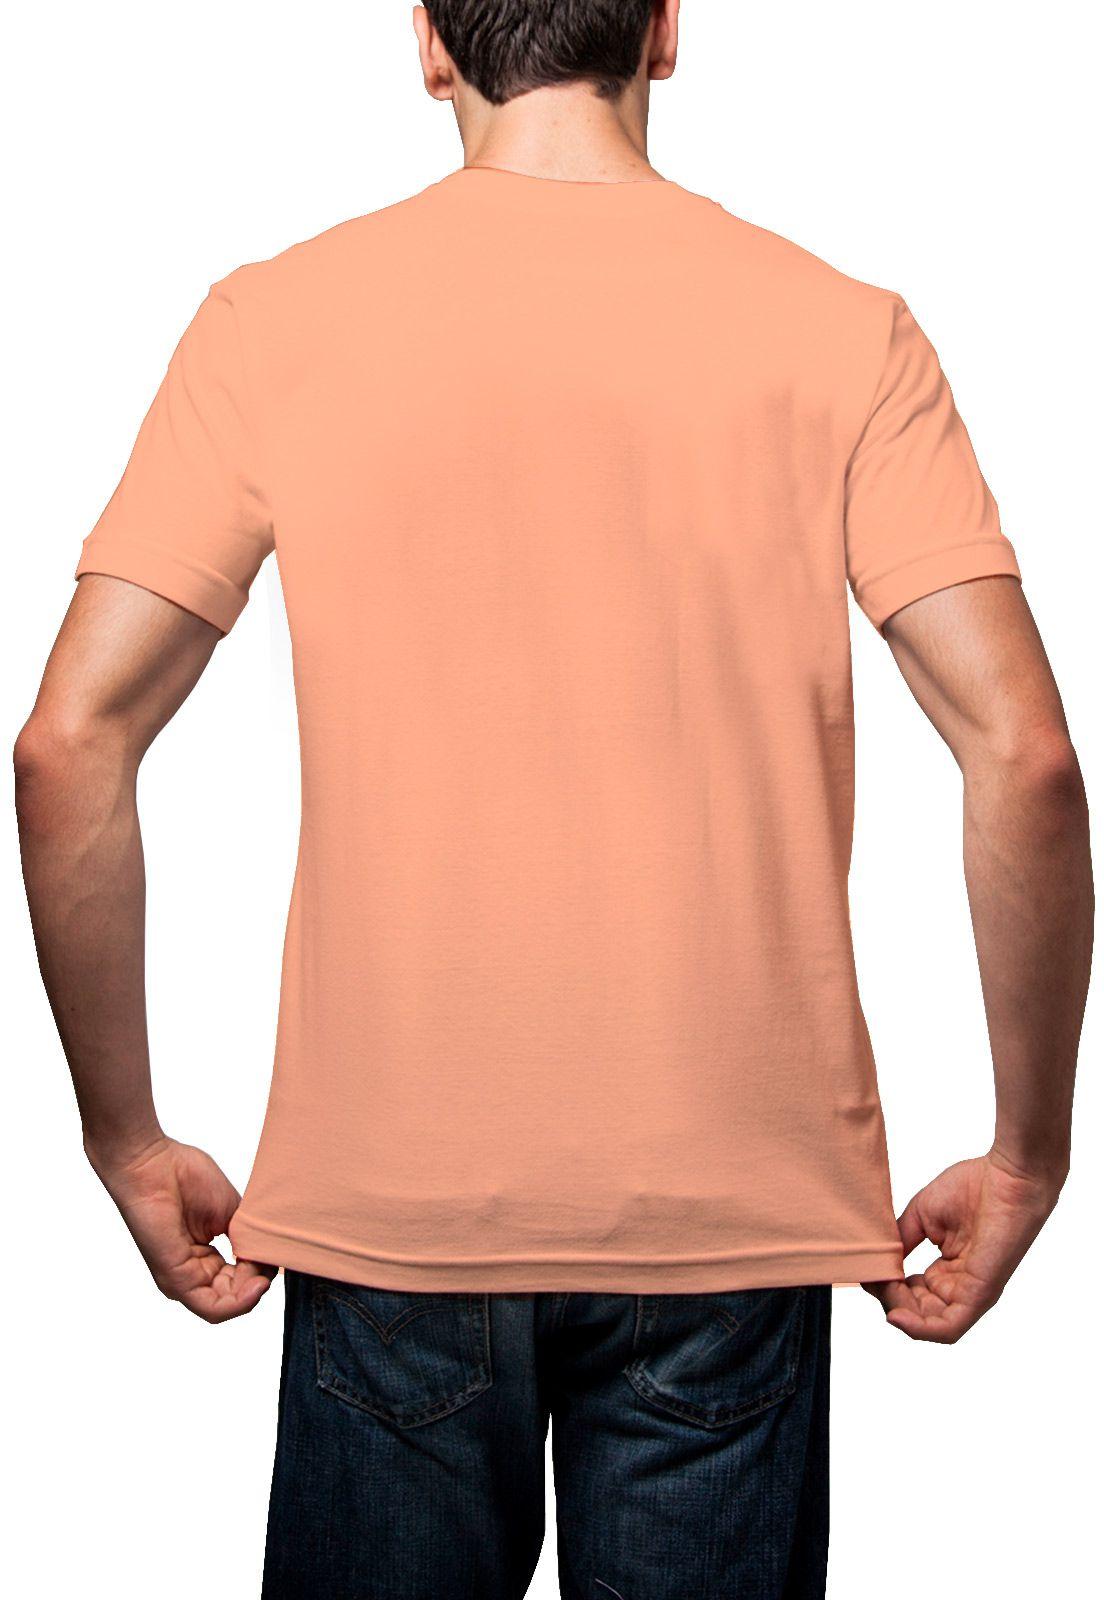 Camiseta Amazônia Básica Árvore Bordada - Salmão